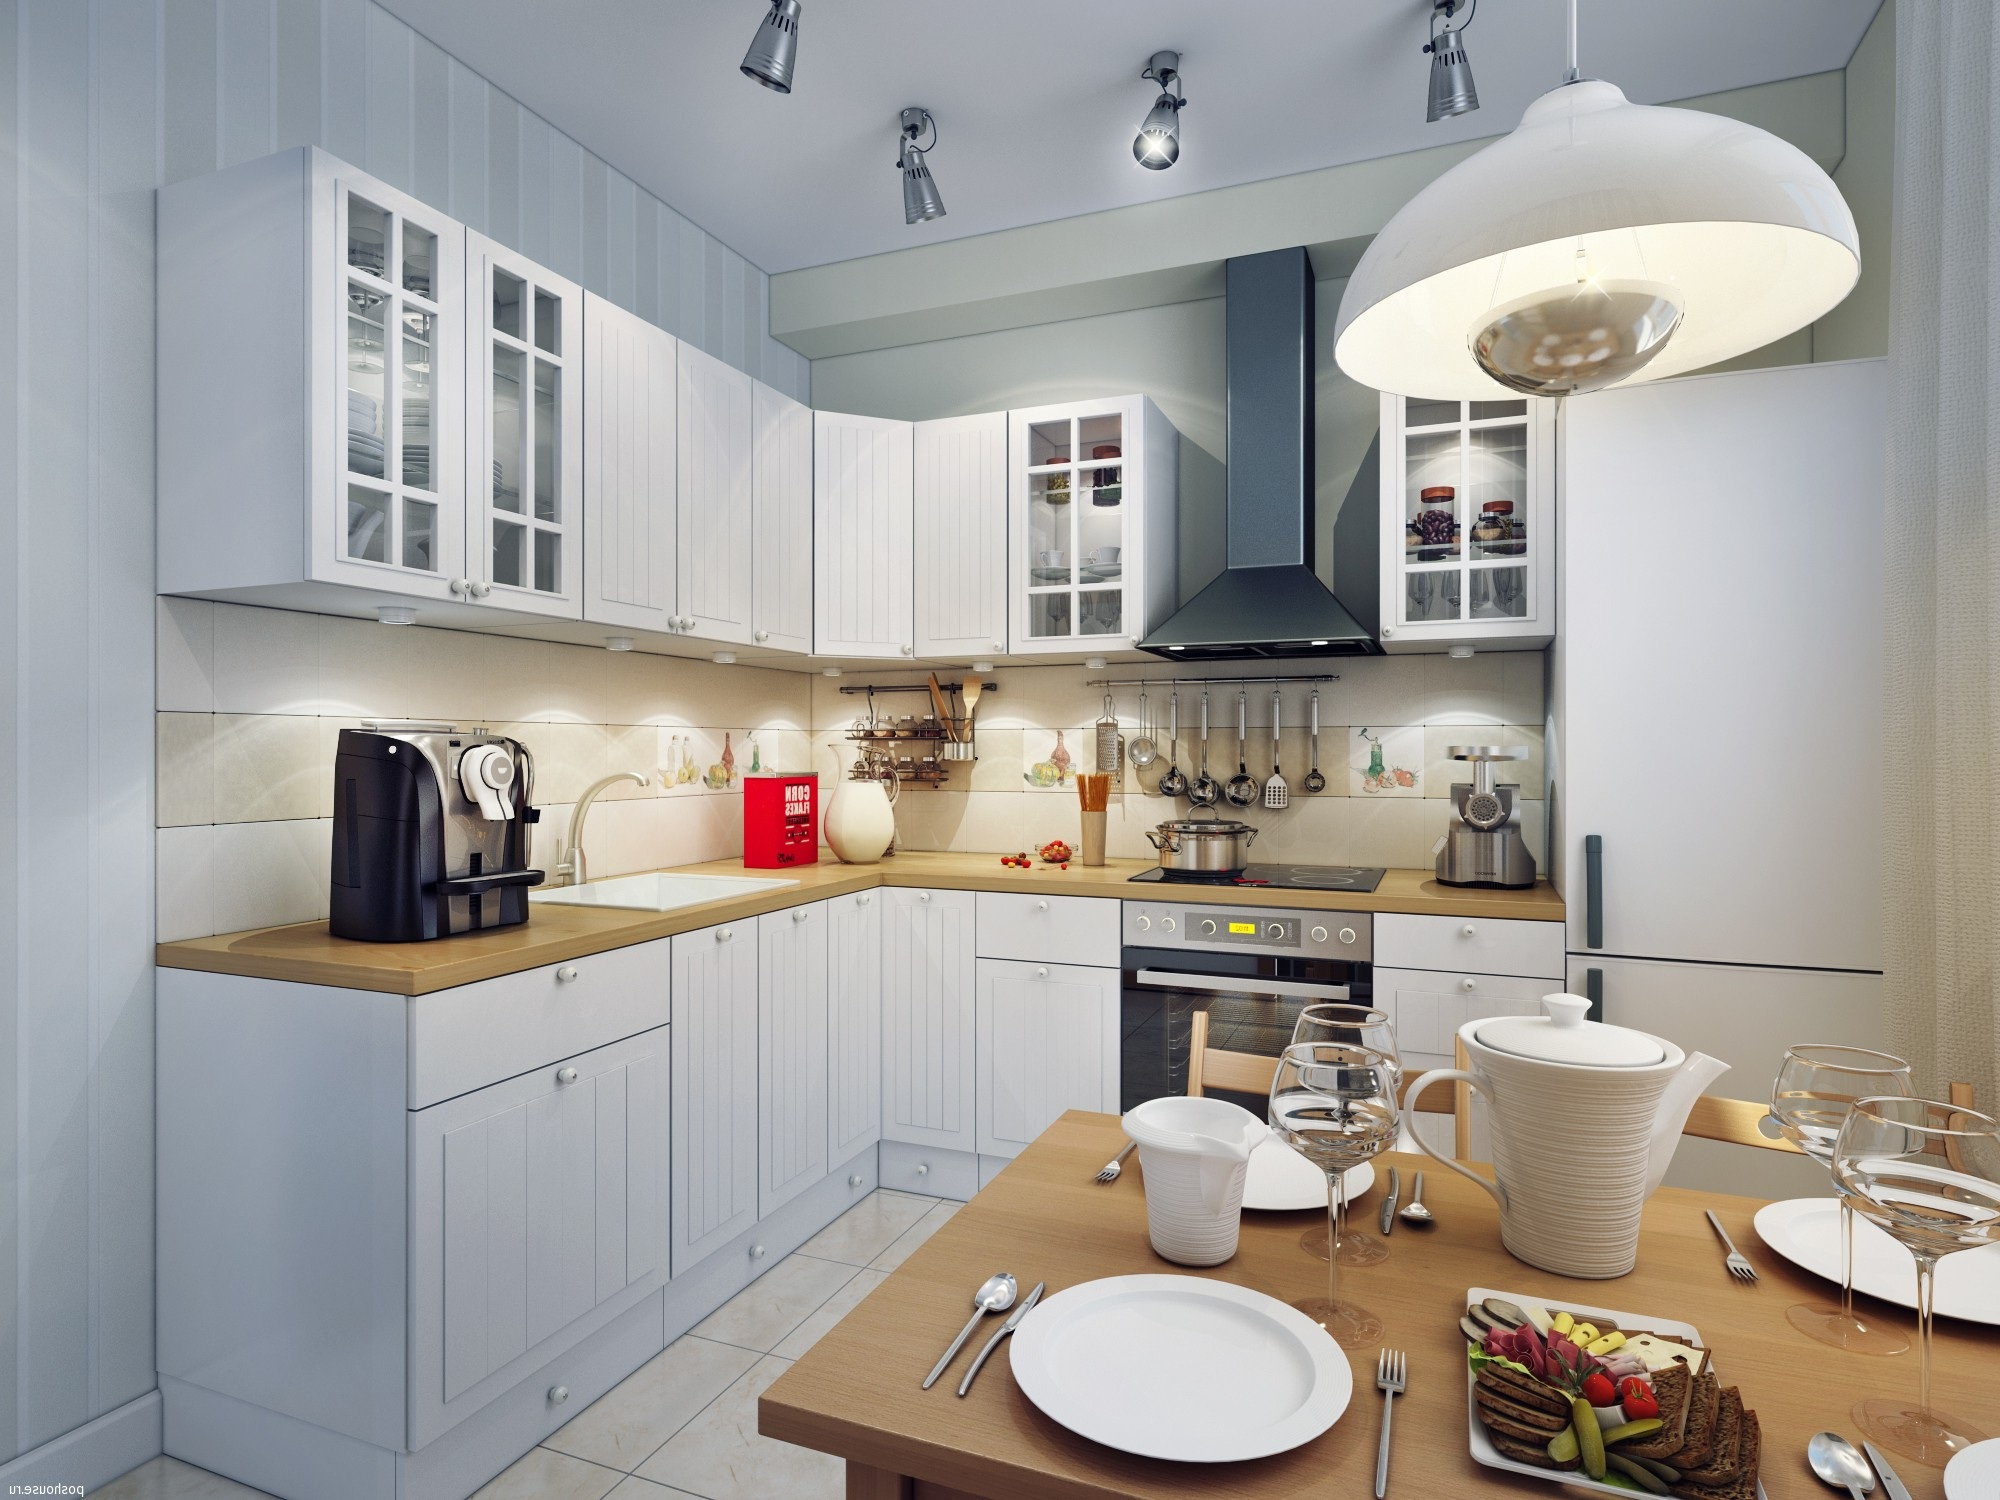 Красивое освещение небольшой кухни